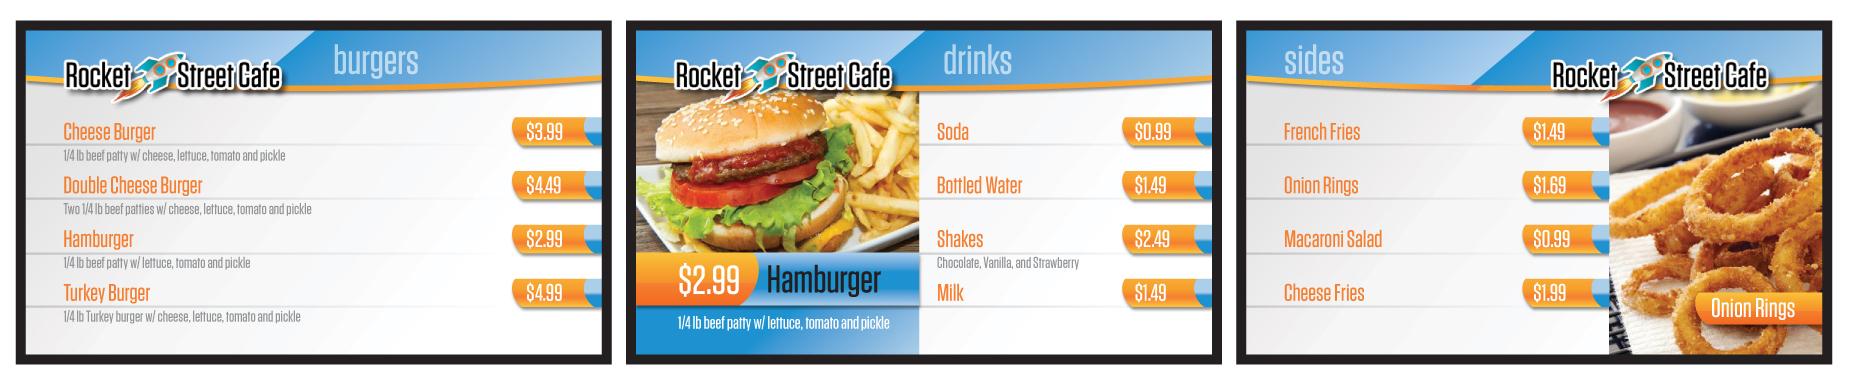 Rocket Street Cafe